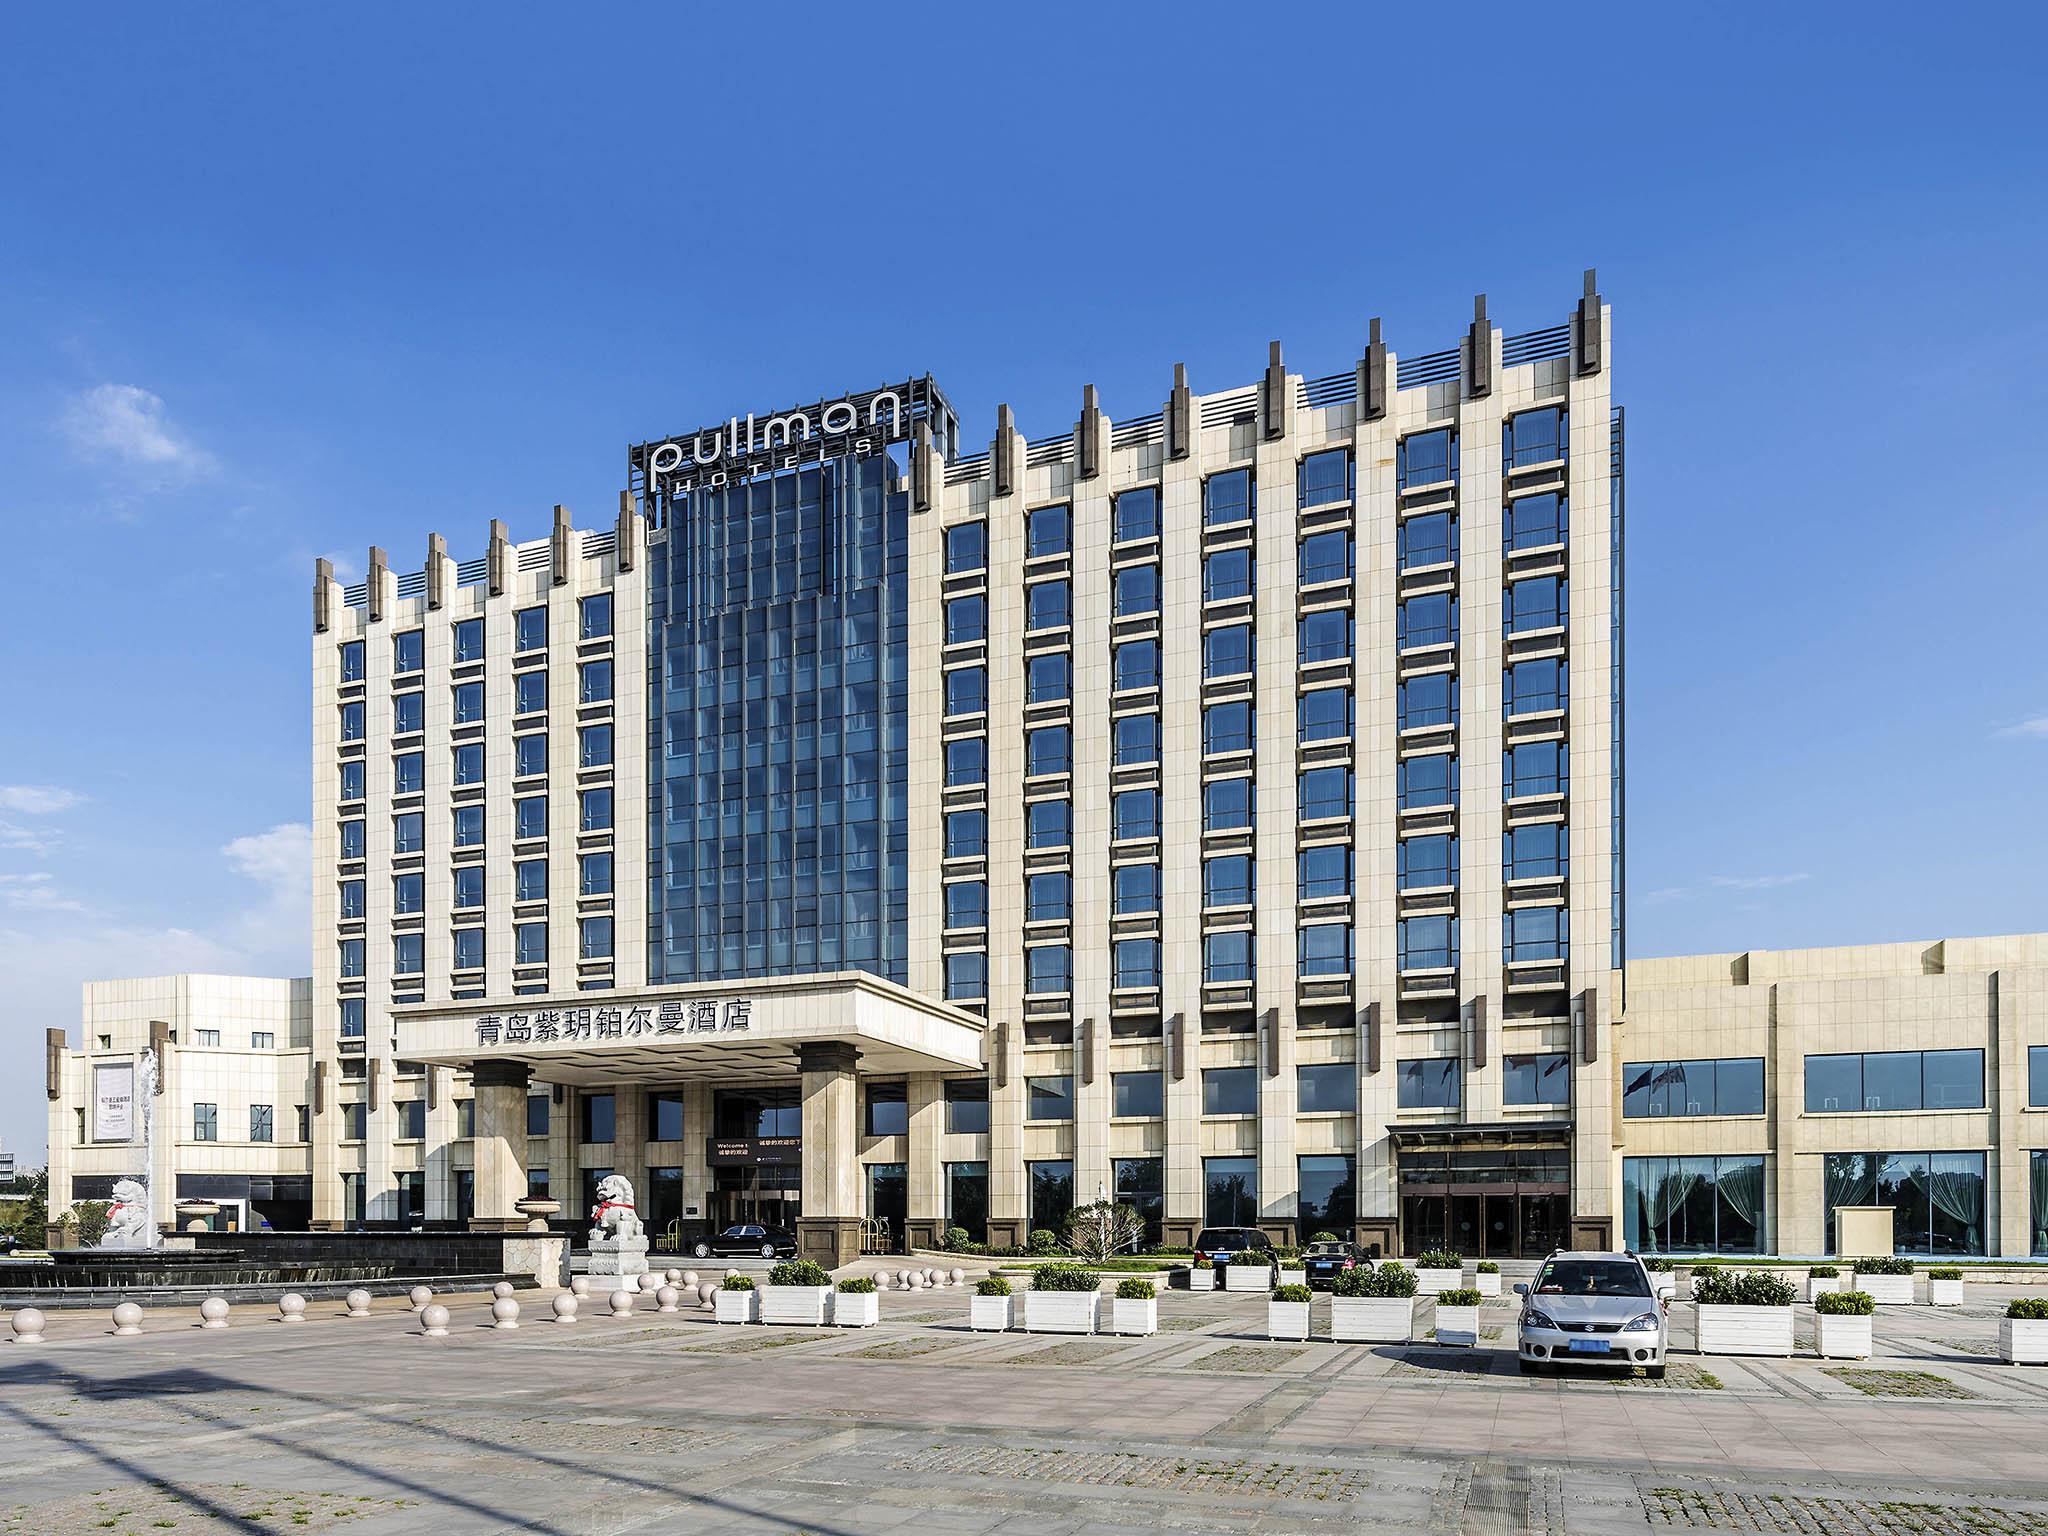 Hotel – Pullman Qingdao Ziyue